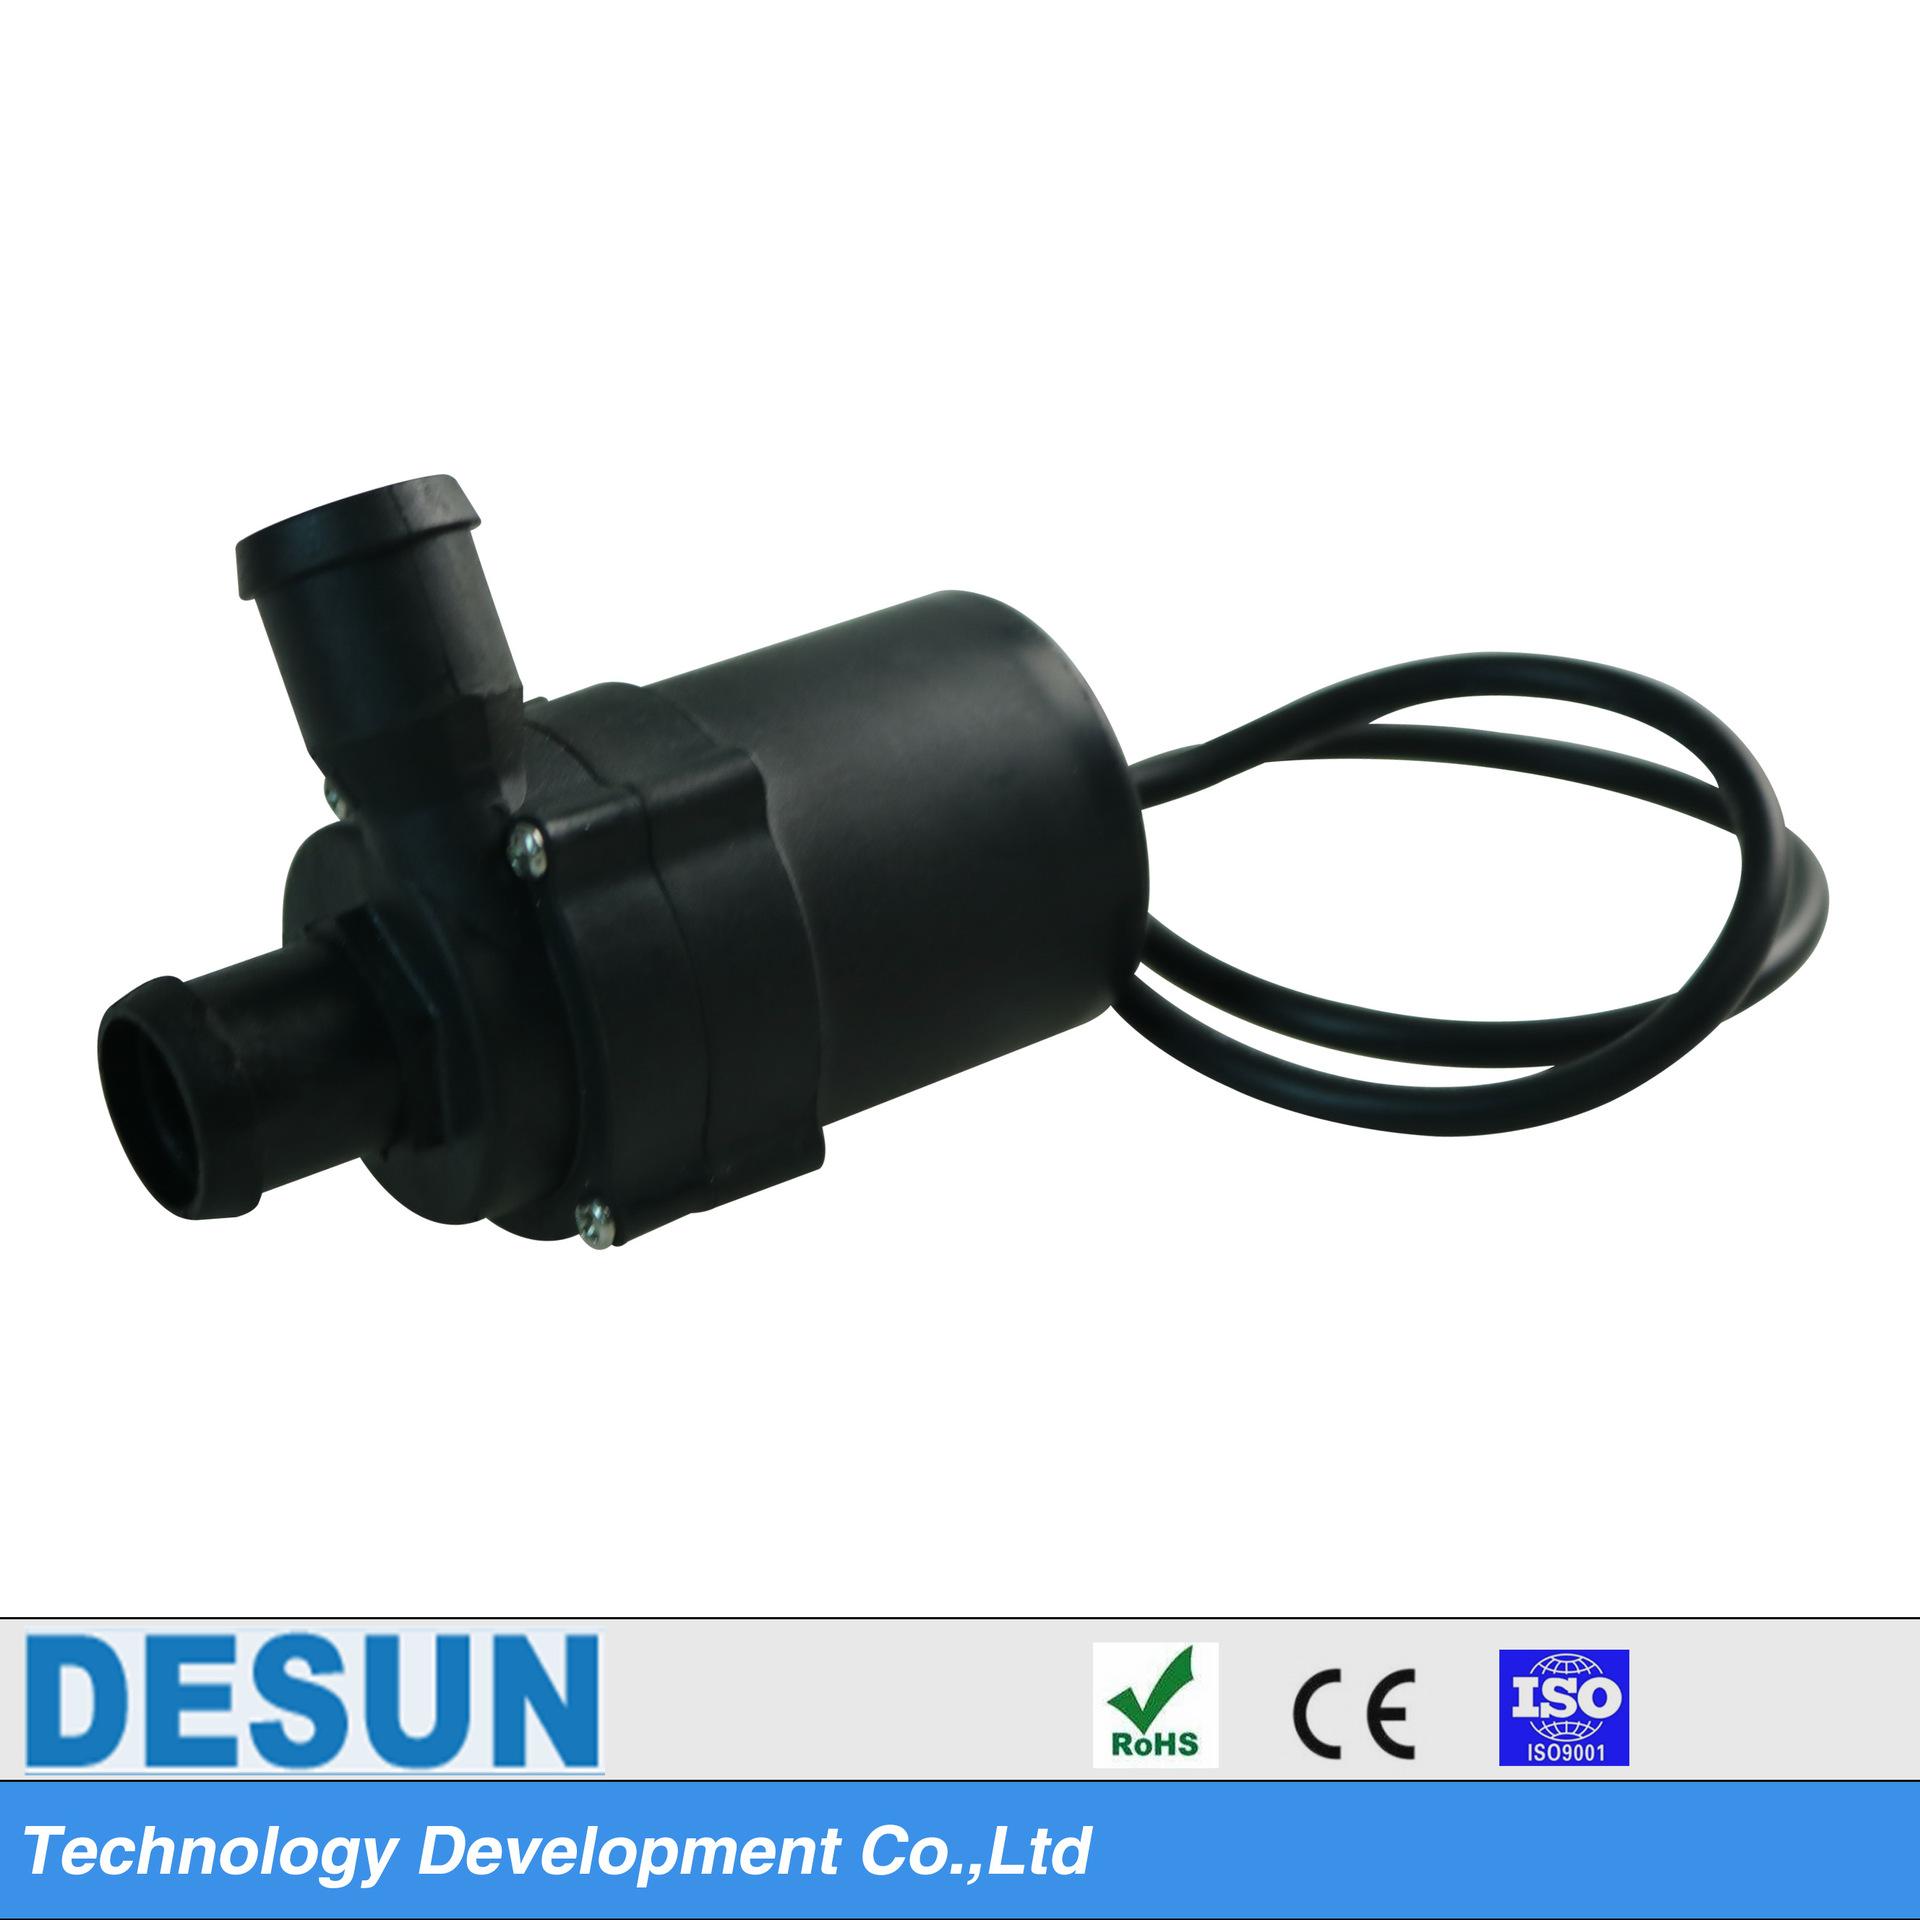 微型直流水泵DS4506